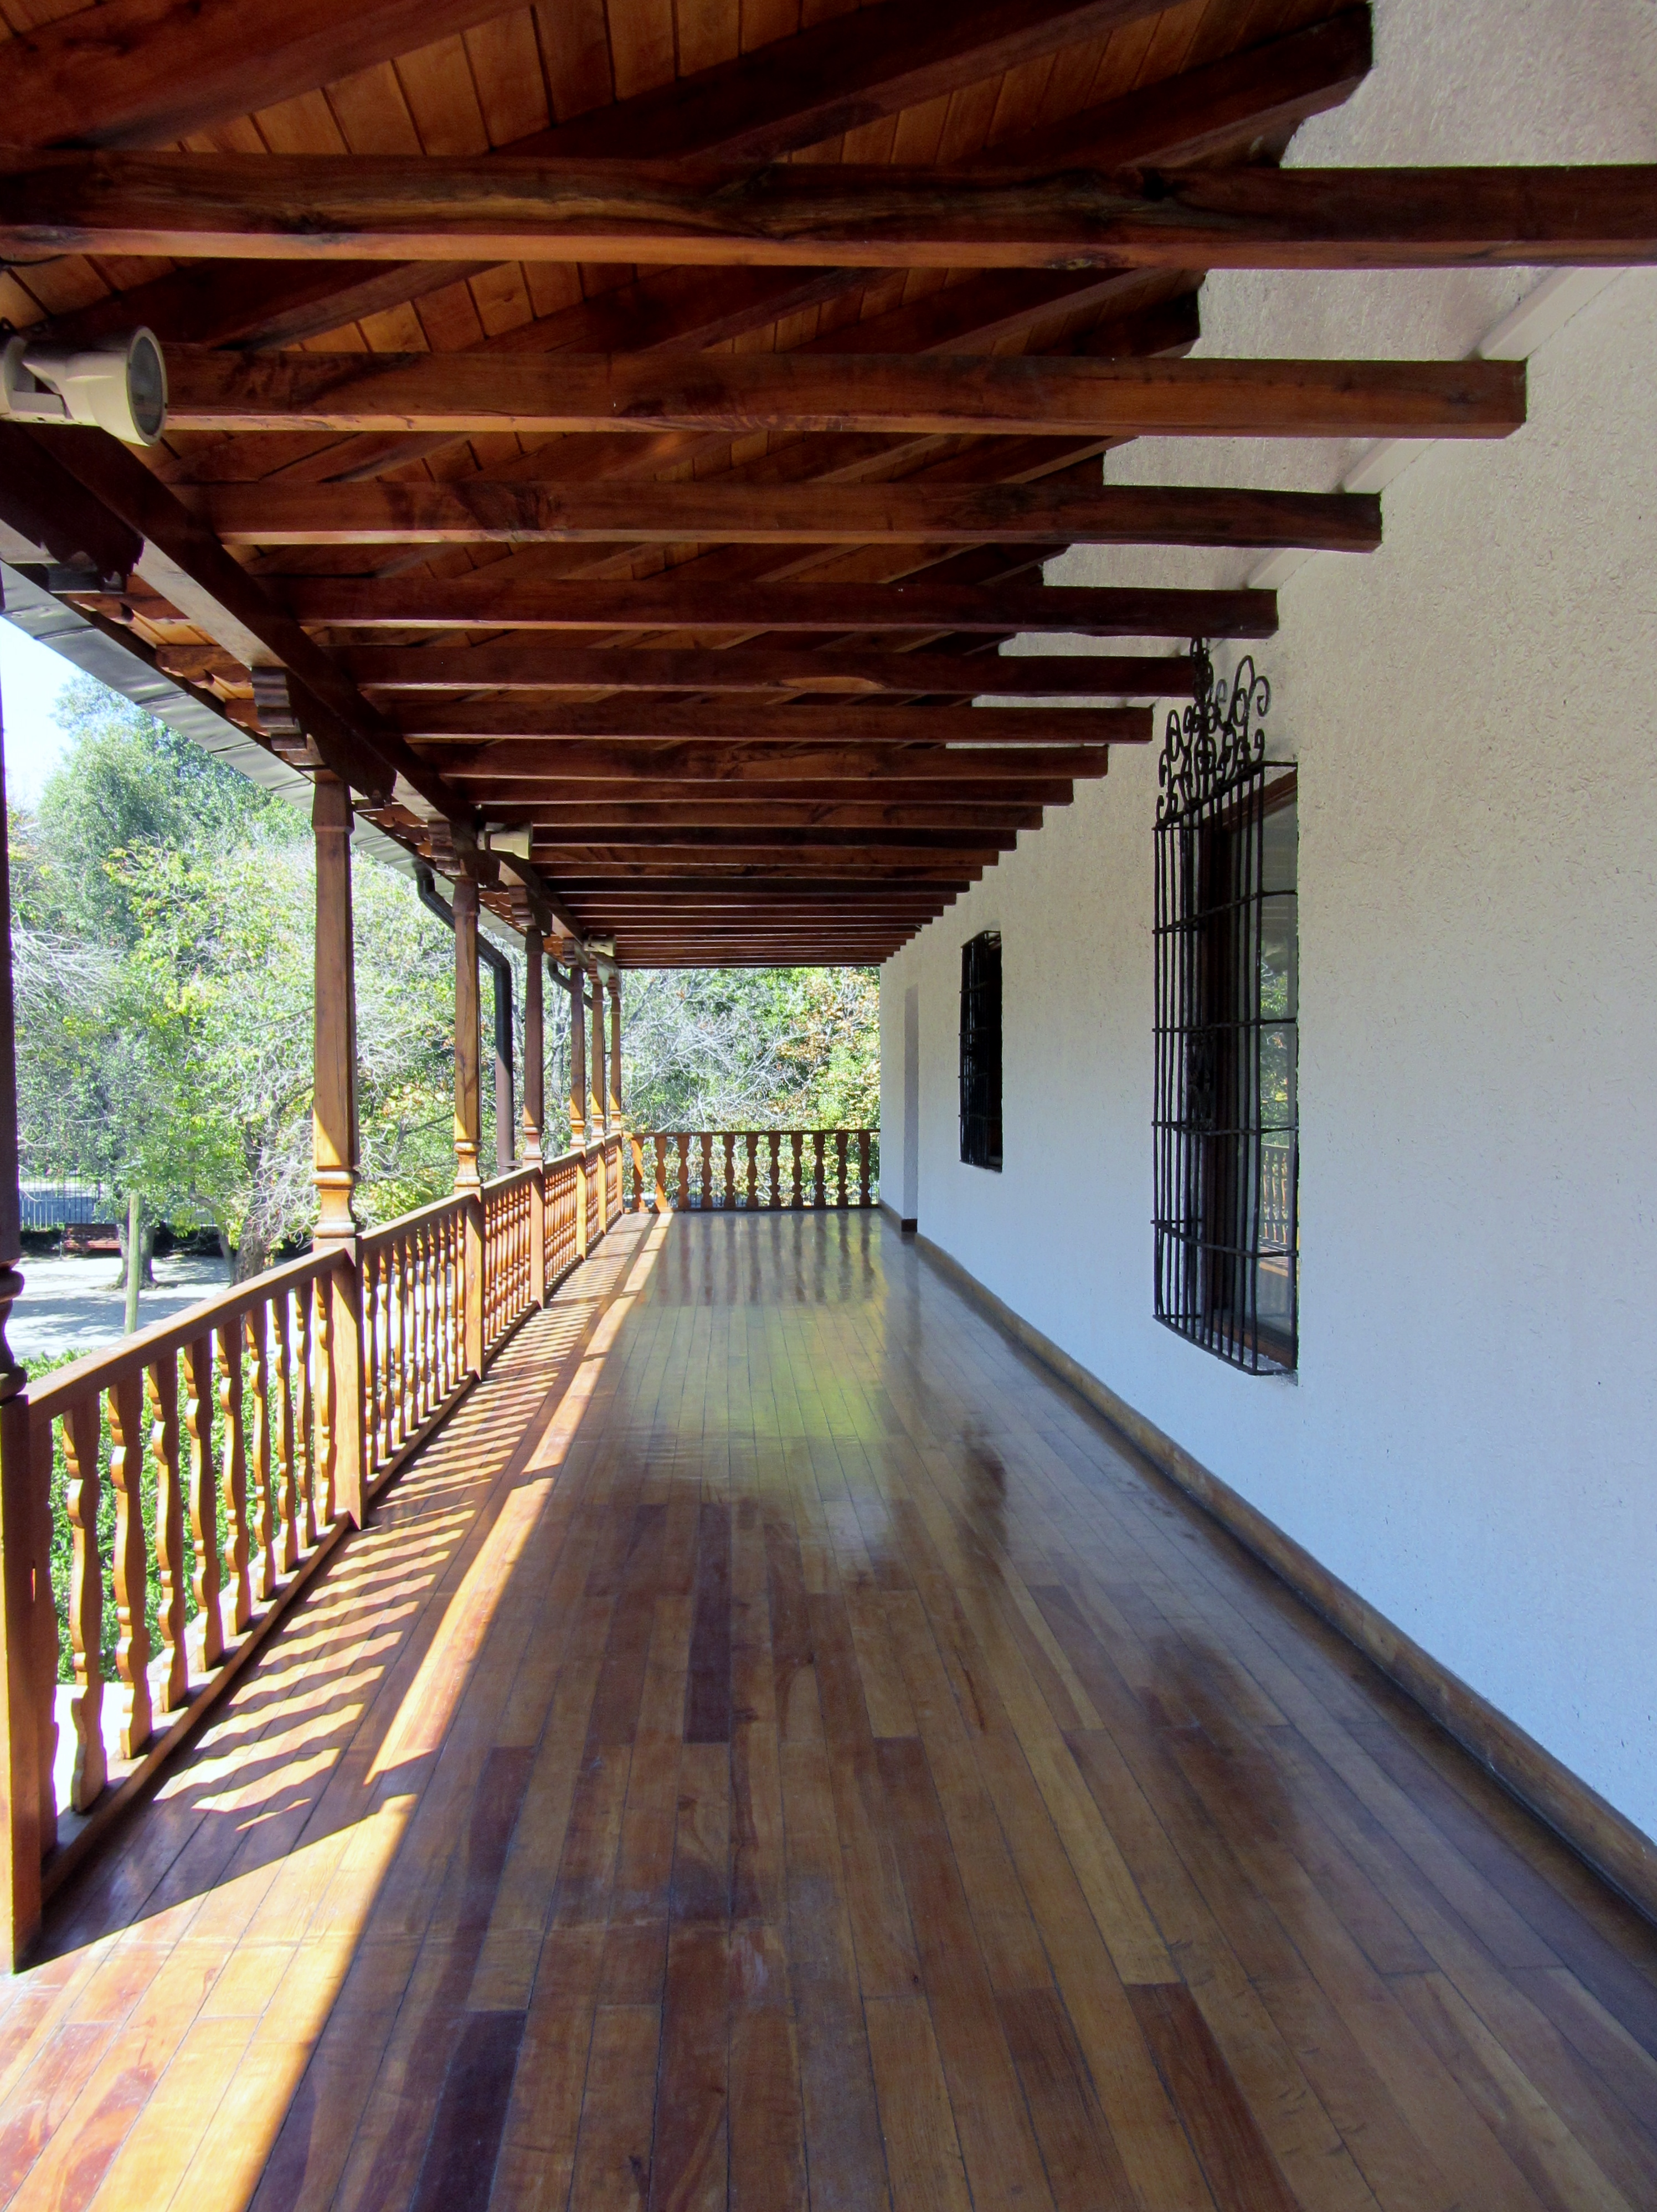 File:Casas de Lo Matta terraza f02.jpg - Wikimedia Commons